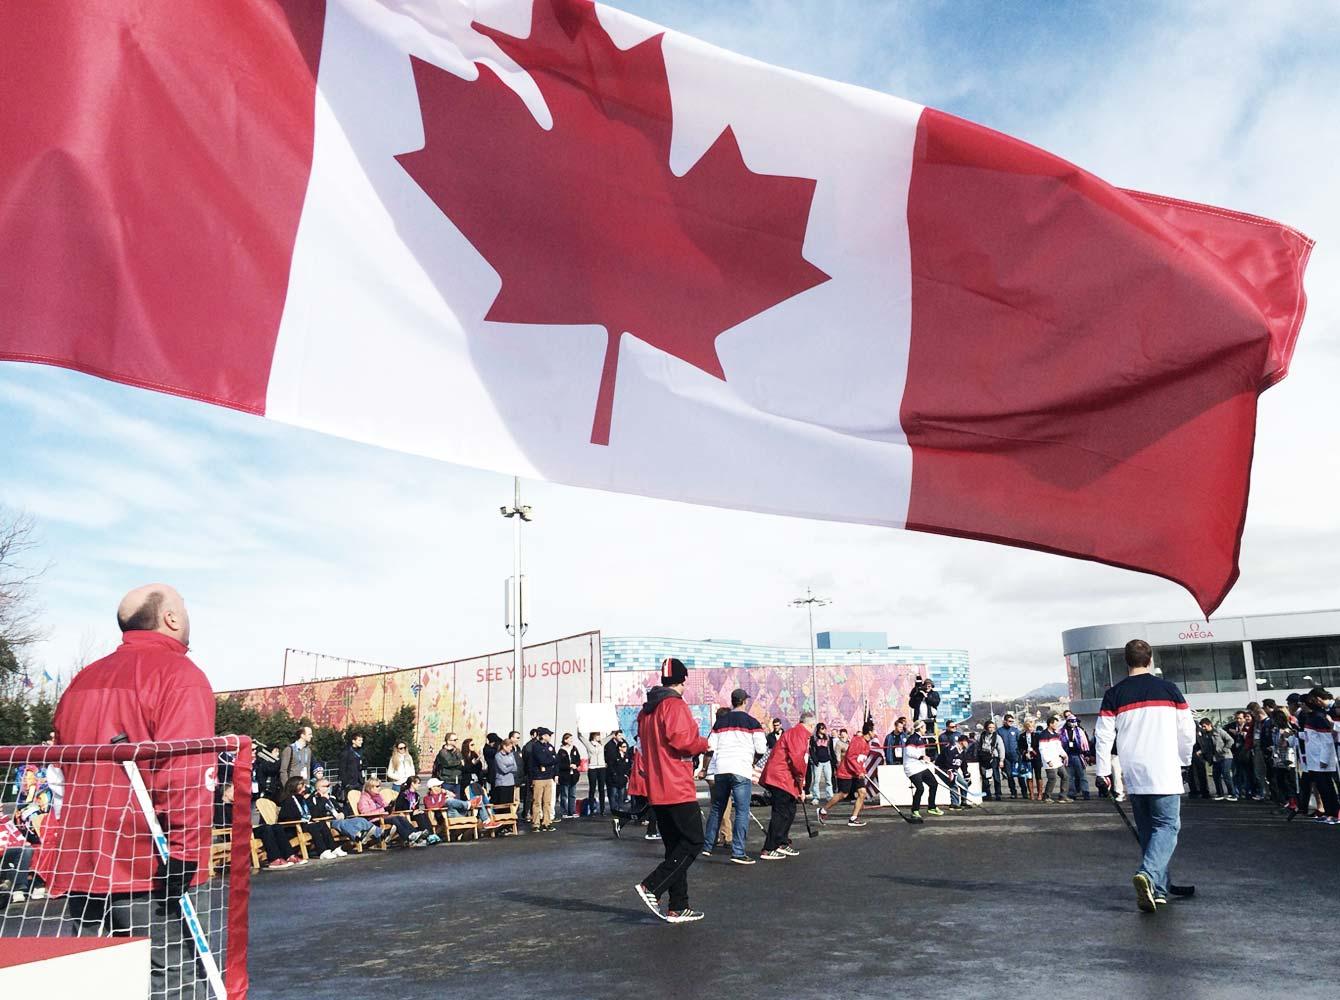 Sochi ball hockey canada flag